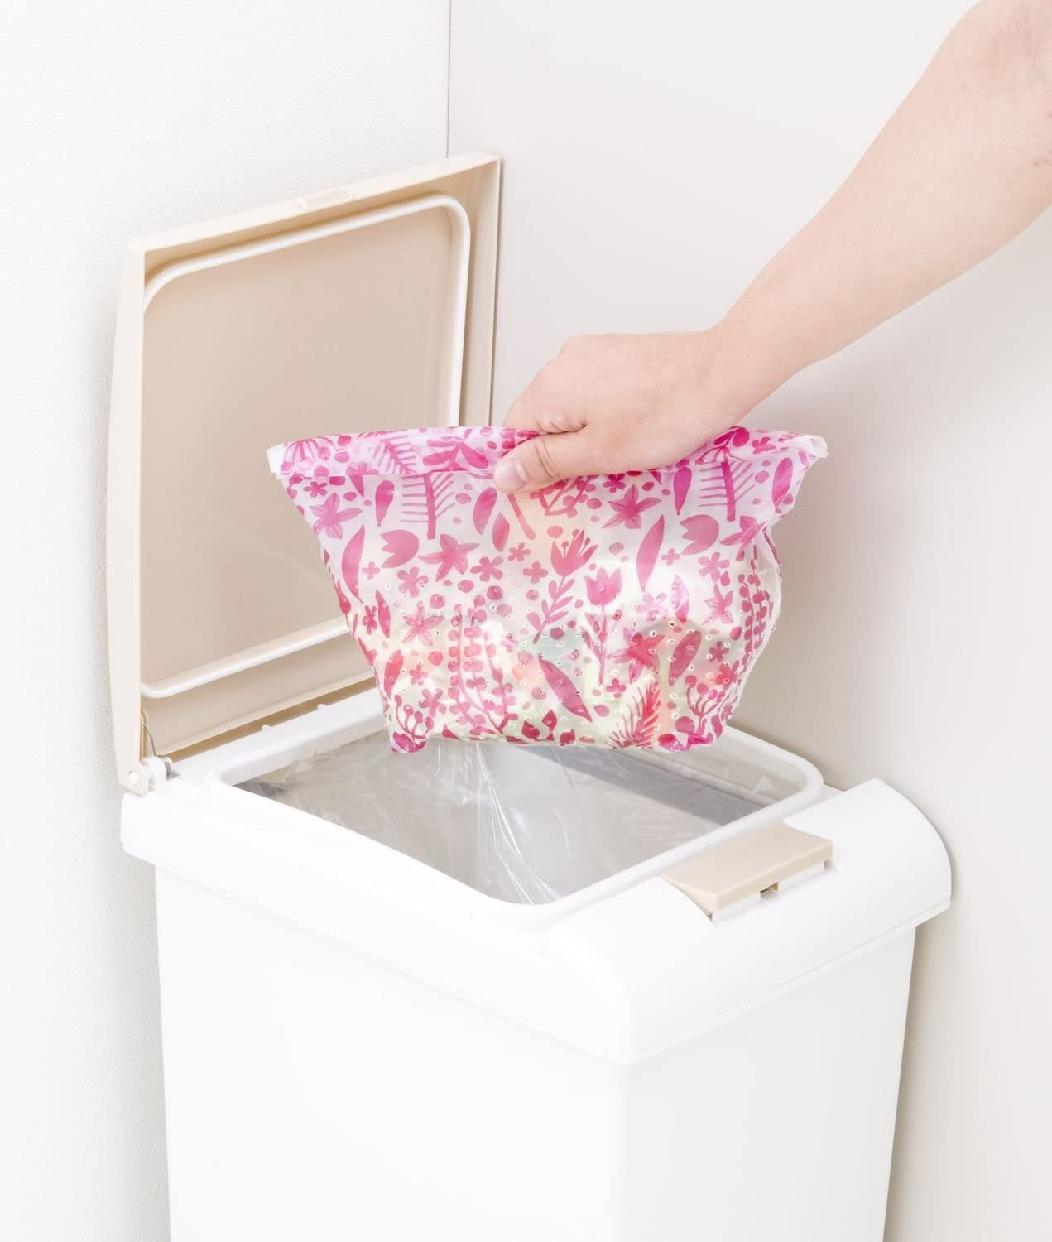 カワタキコーポレーション らくらっくー 自立型水切りゴミ袋 80枚入の商品画像5